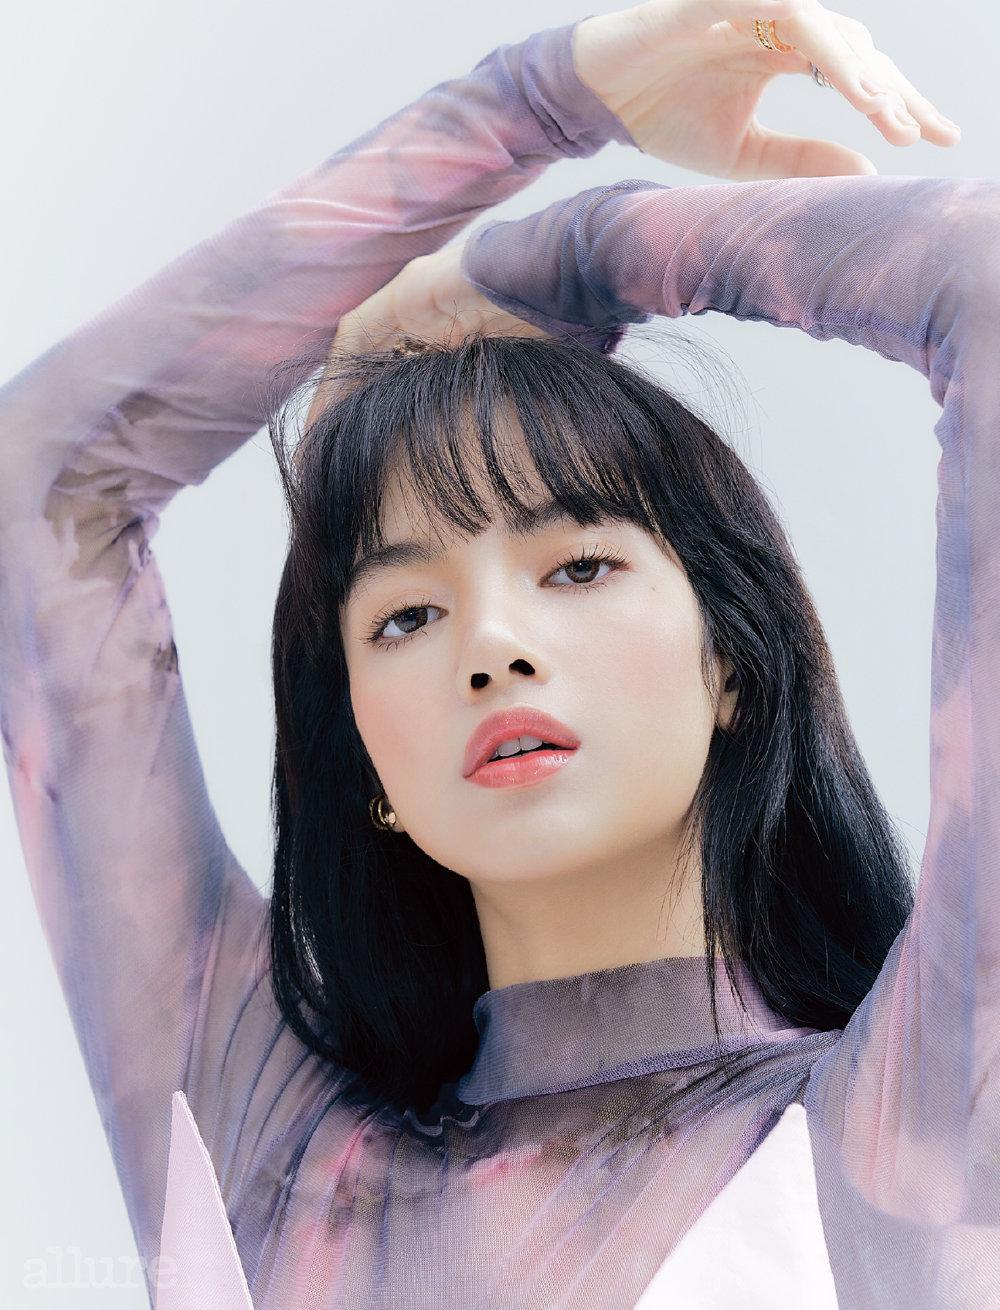 Blackpink Lisa For Allure June 2020 Pictorial Hq K Pop Database Dbkpop Com